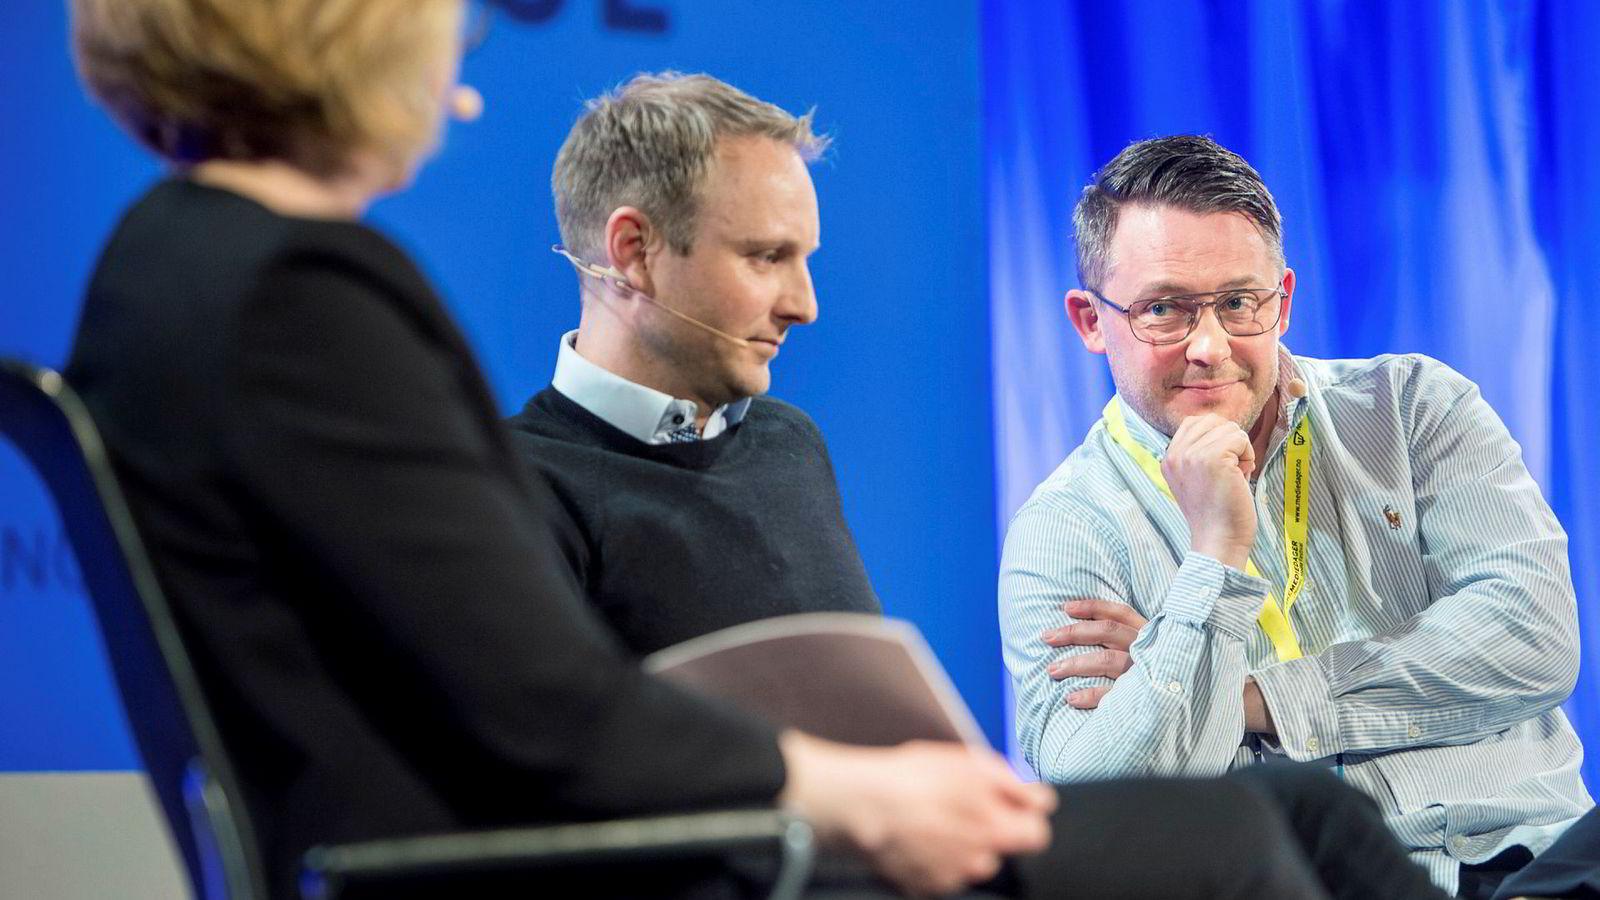 Kommunikasjonsdirektør Espen Skoland (midten) og sportsdirektør Eirik Koren i Discovery Networks har måttet håndtere mange endringer i staben på kort tid. Her under en debatt med moderator Sarah Sørheim under Nordiske Mediedager i mai.